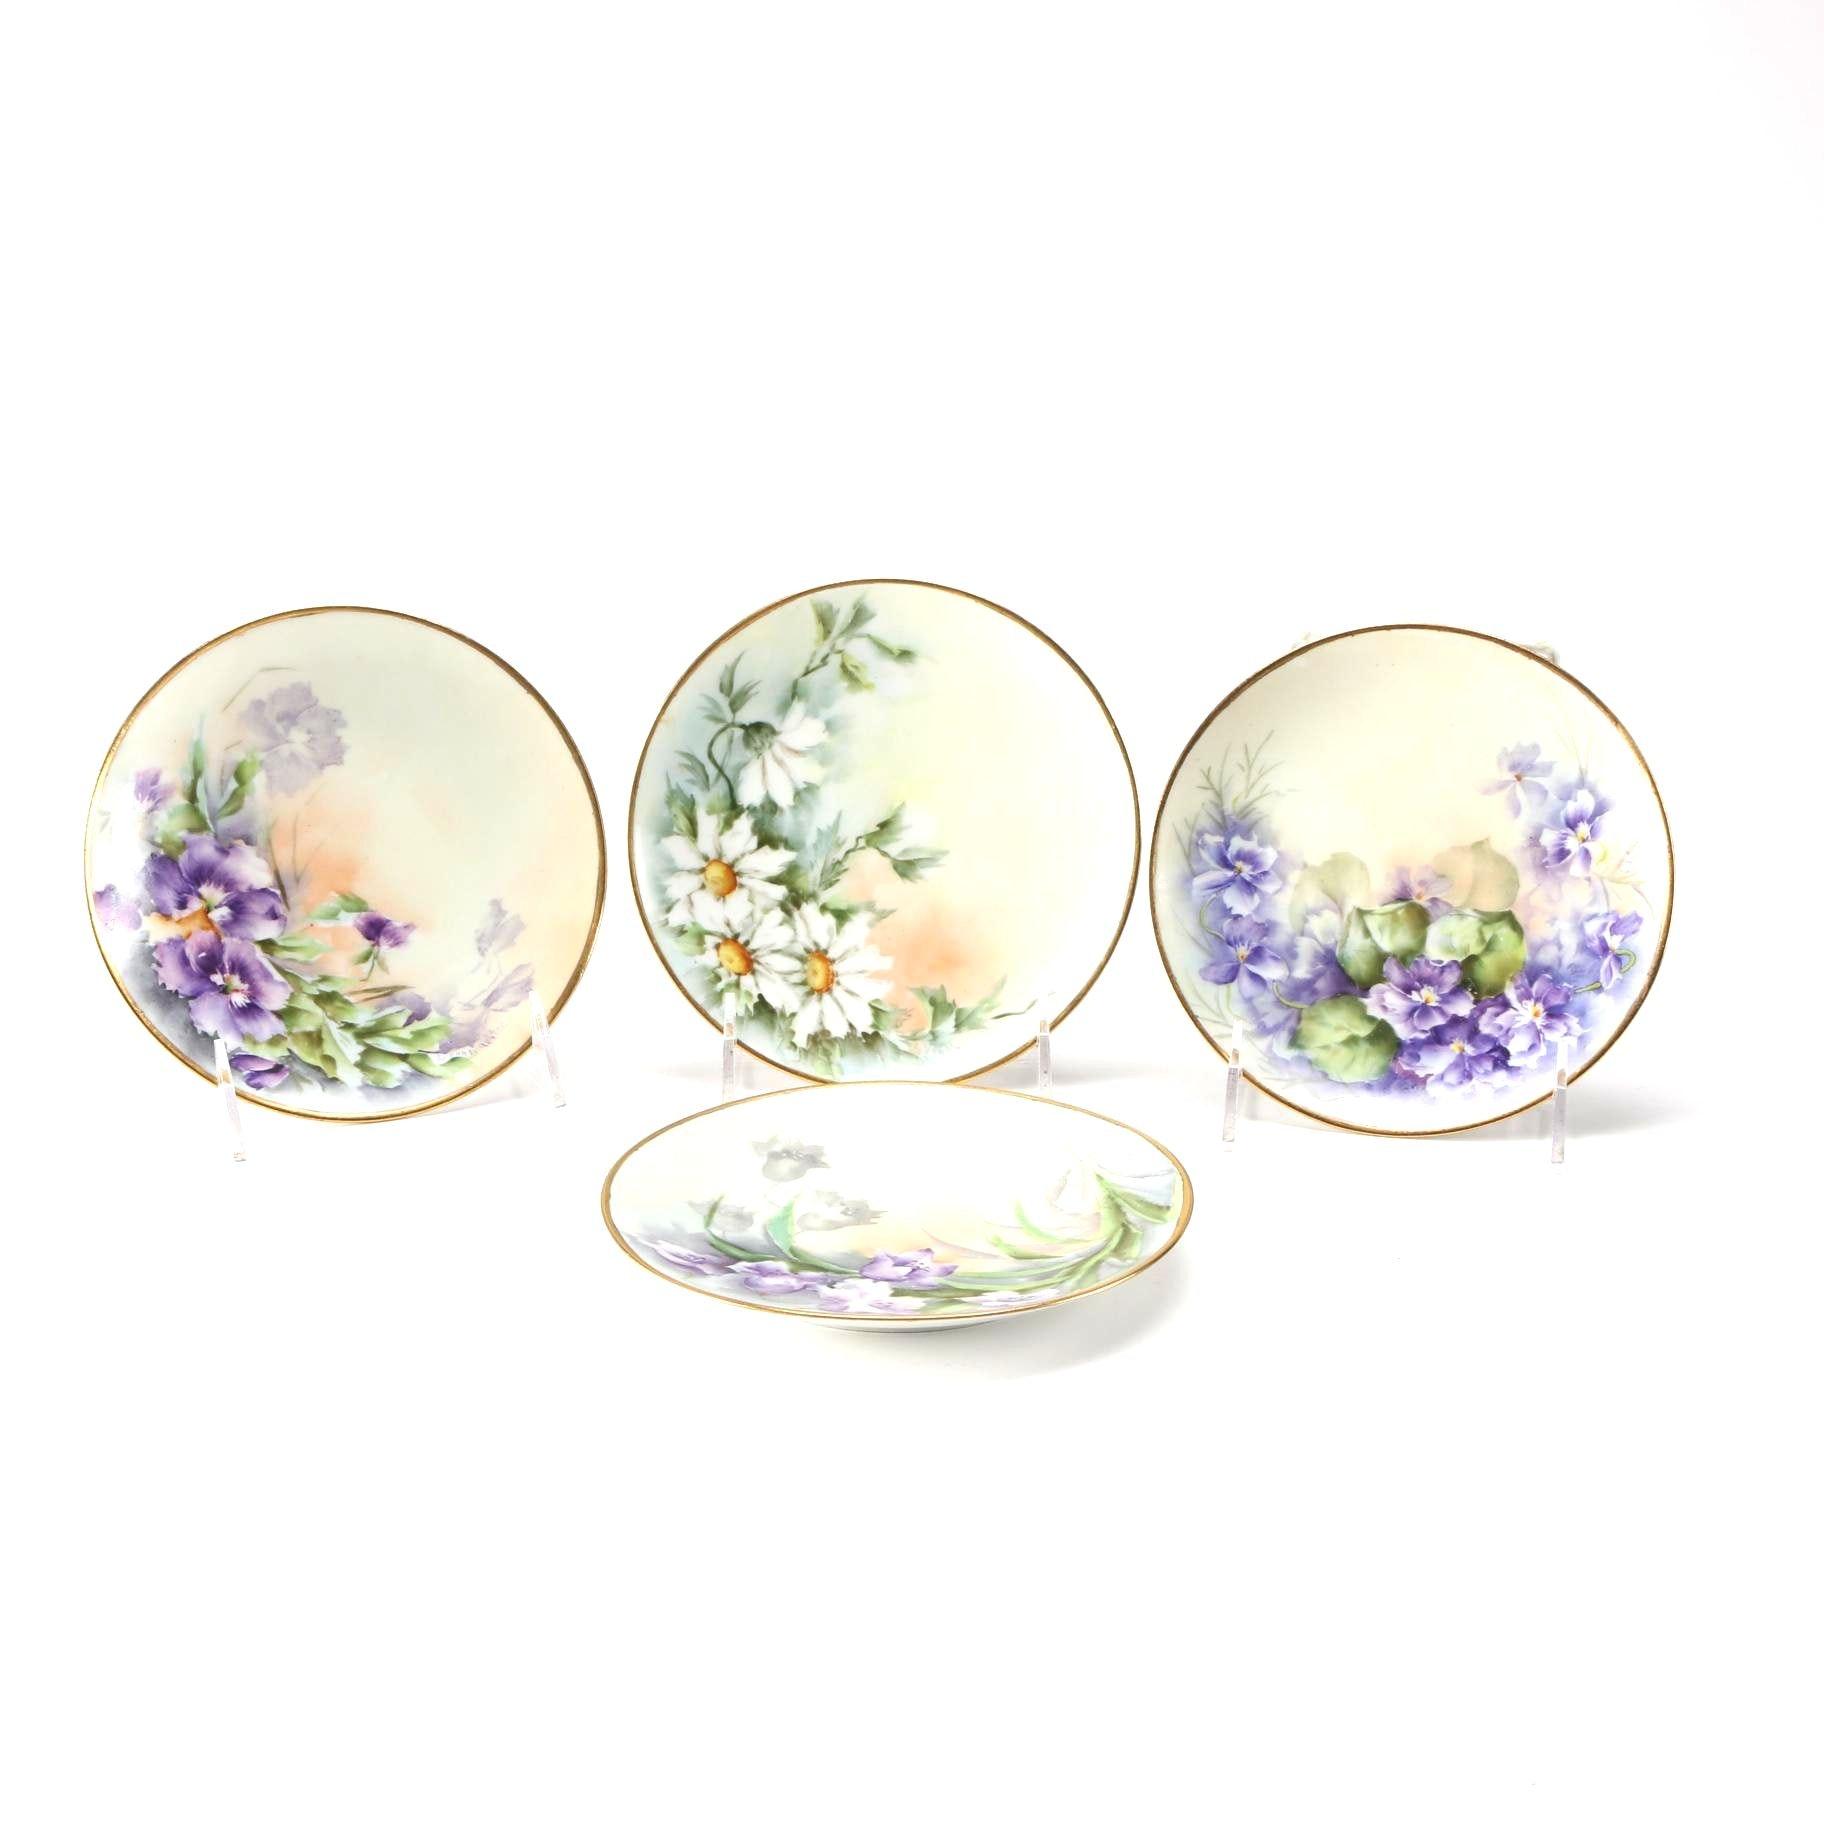 Four J&C Bavaria Decorative Plates